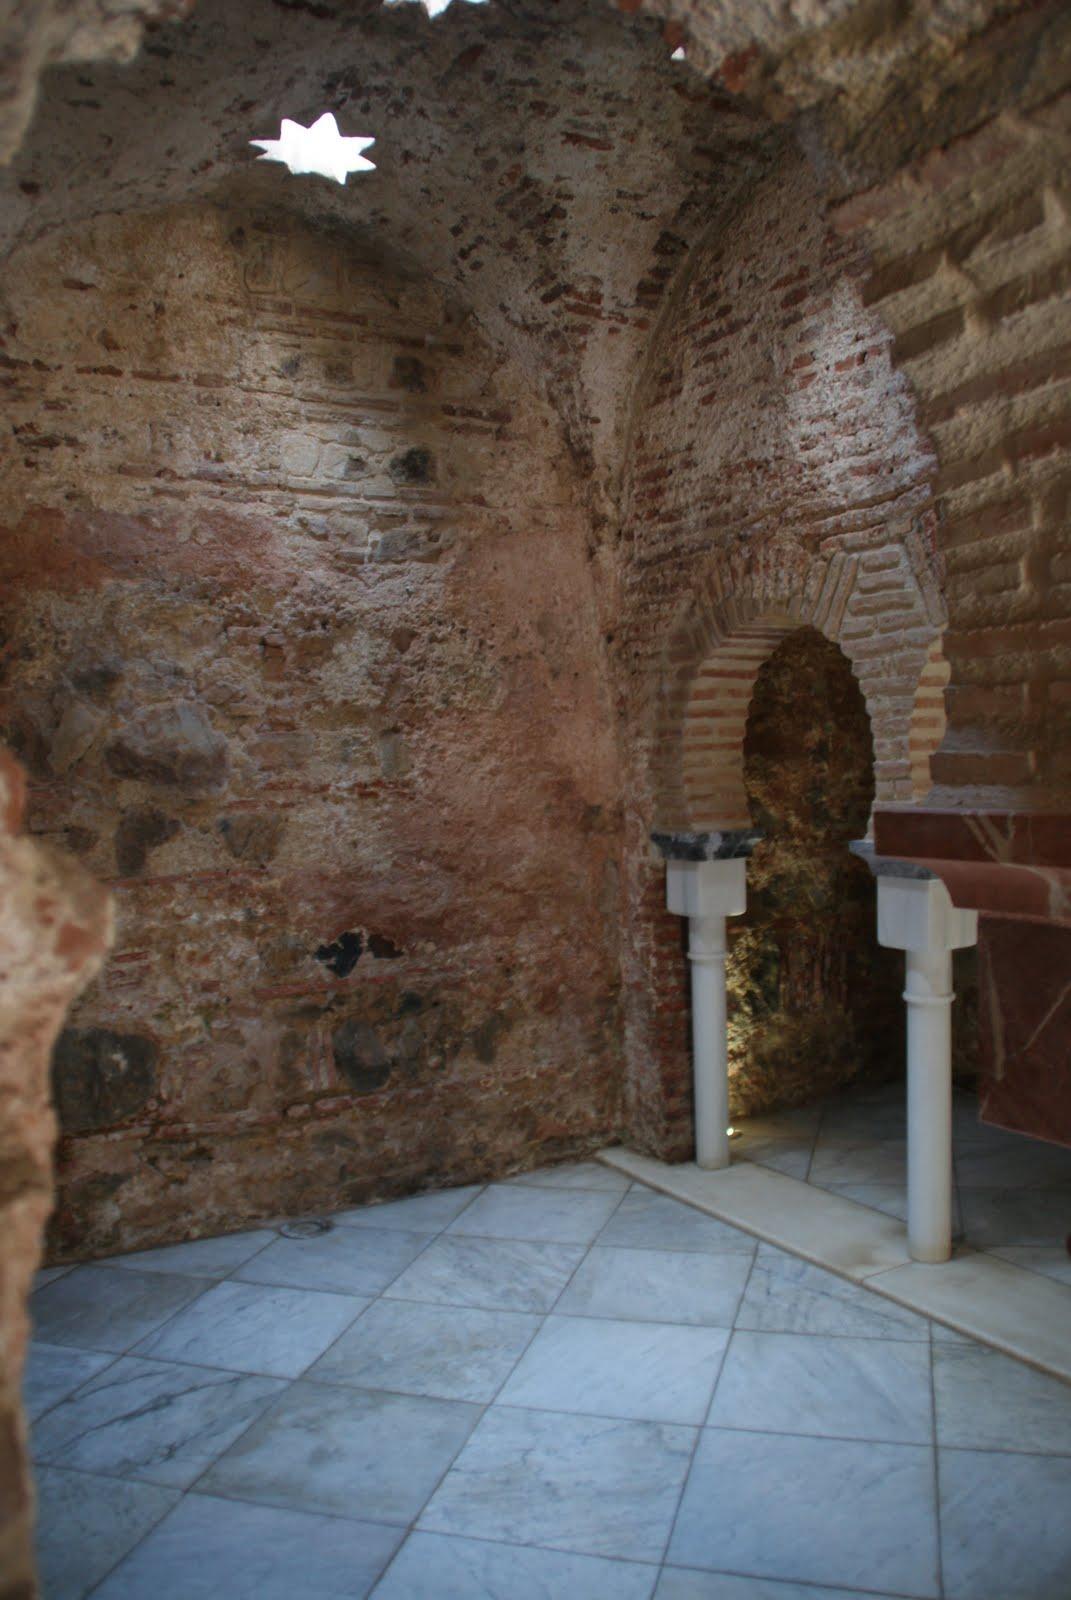 Arab fürdő (Forrás: www.wikipedia.hu)